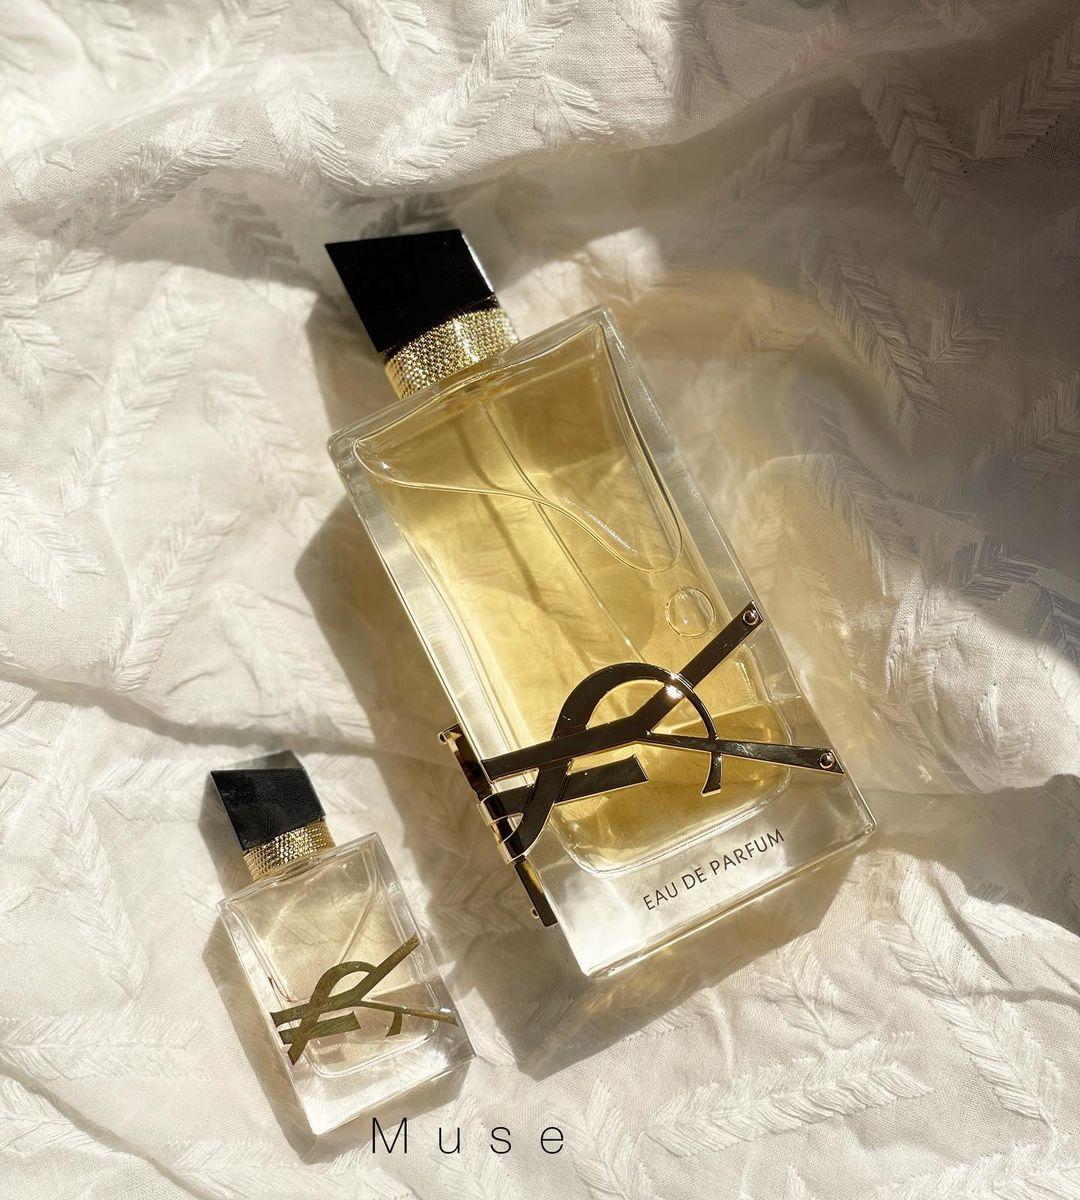 Sắm nước hoa mini size cho tiết kiệm đi chị em: Mùi nào cũng thơm nức mà giá siêu bèo - Ảnh 9.